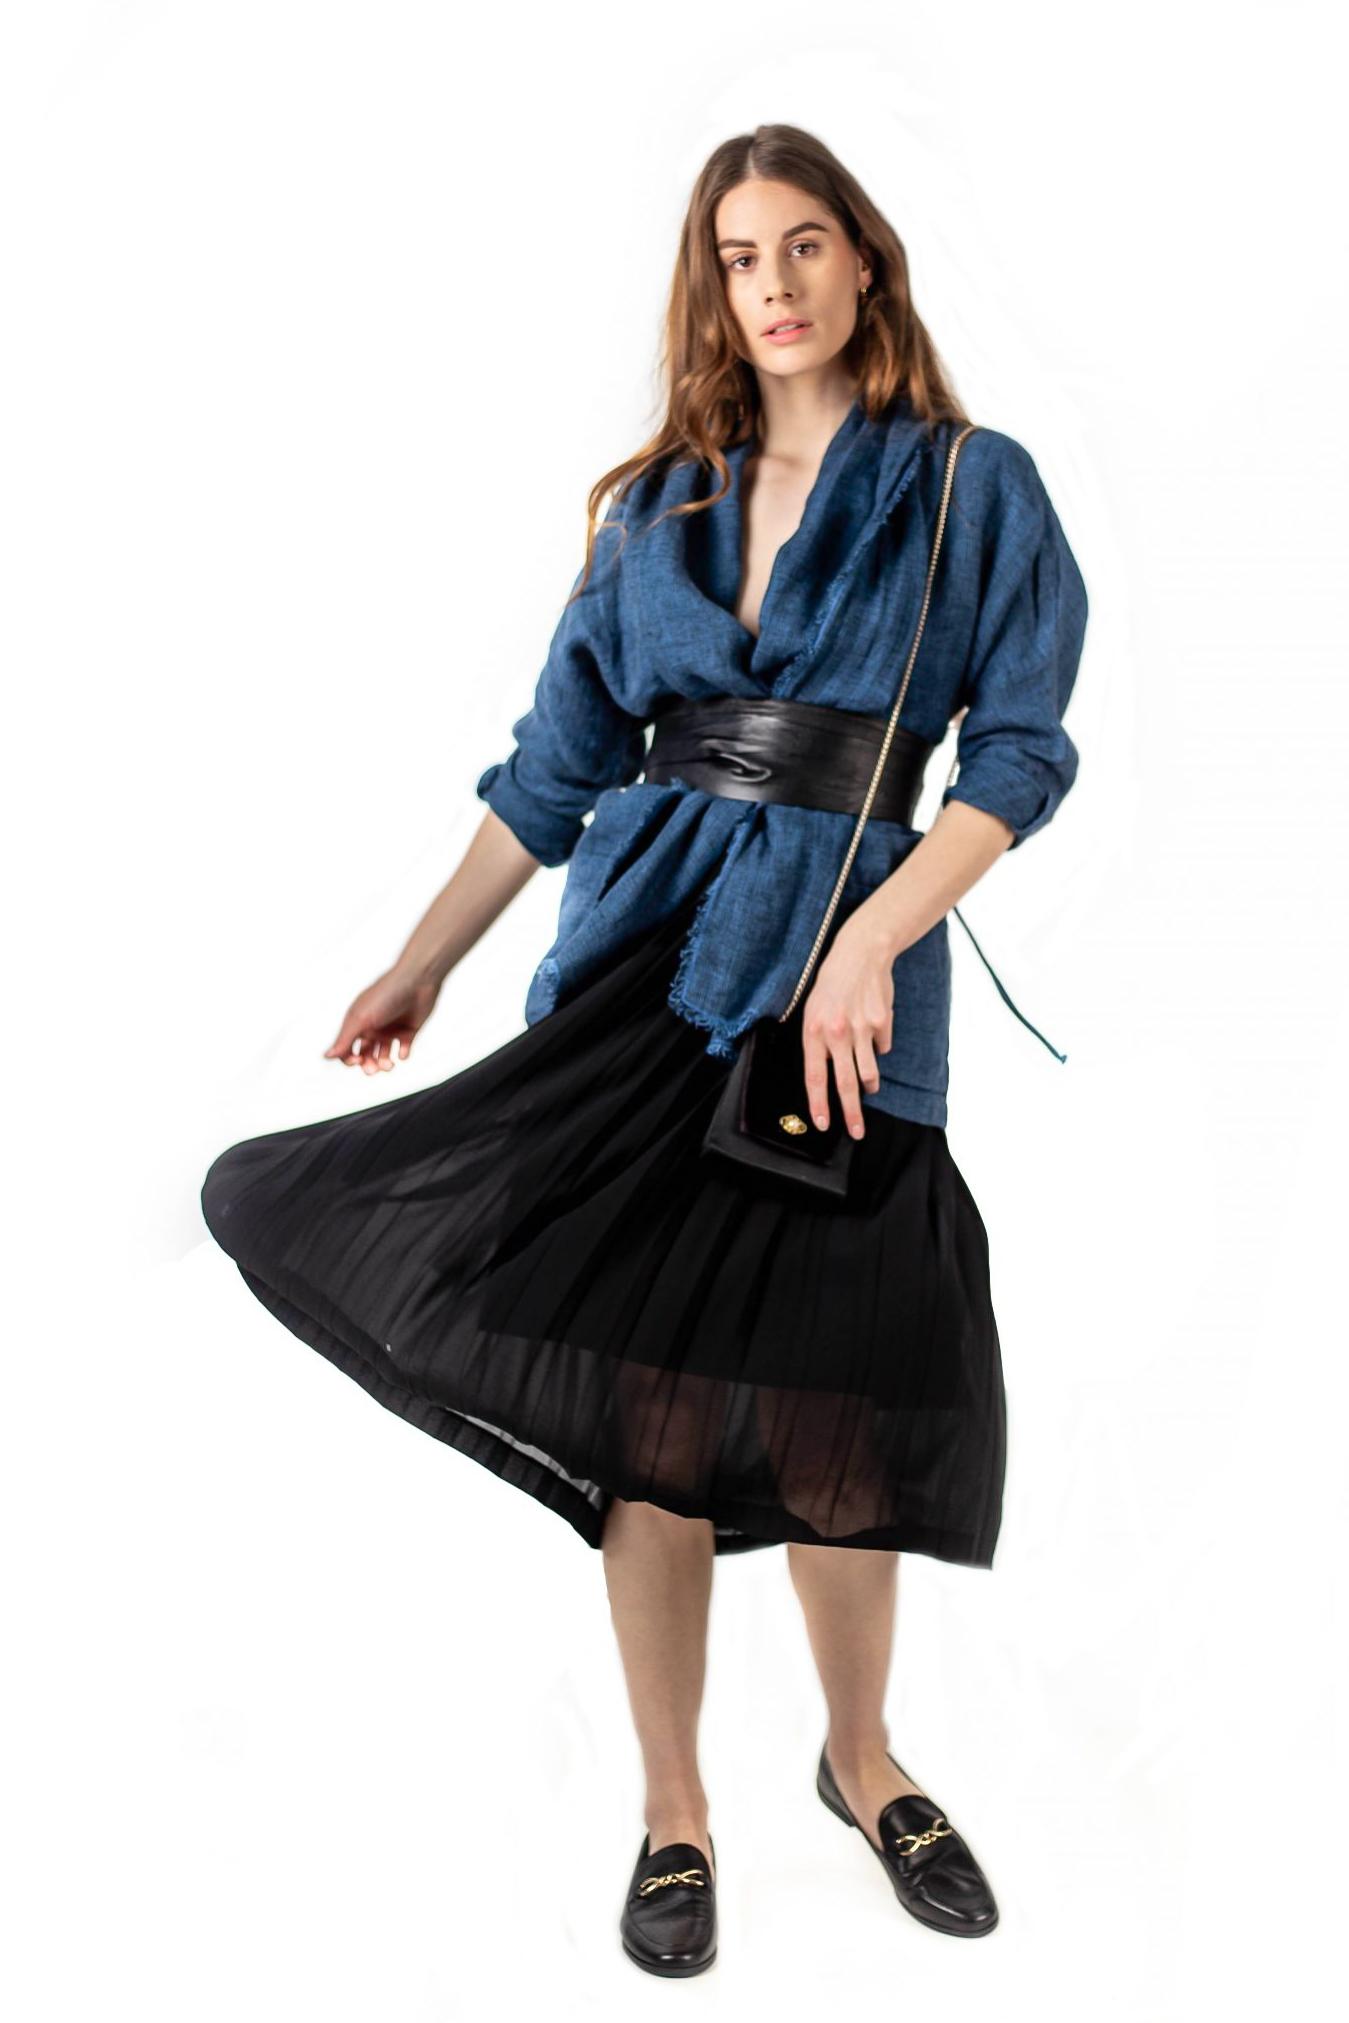 Veste kimono 100% lin avec deux poches latérales de la maison Bleu de Cocagne.